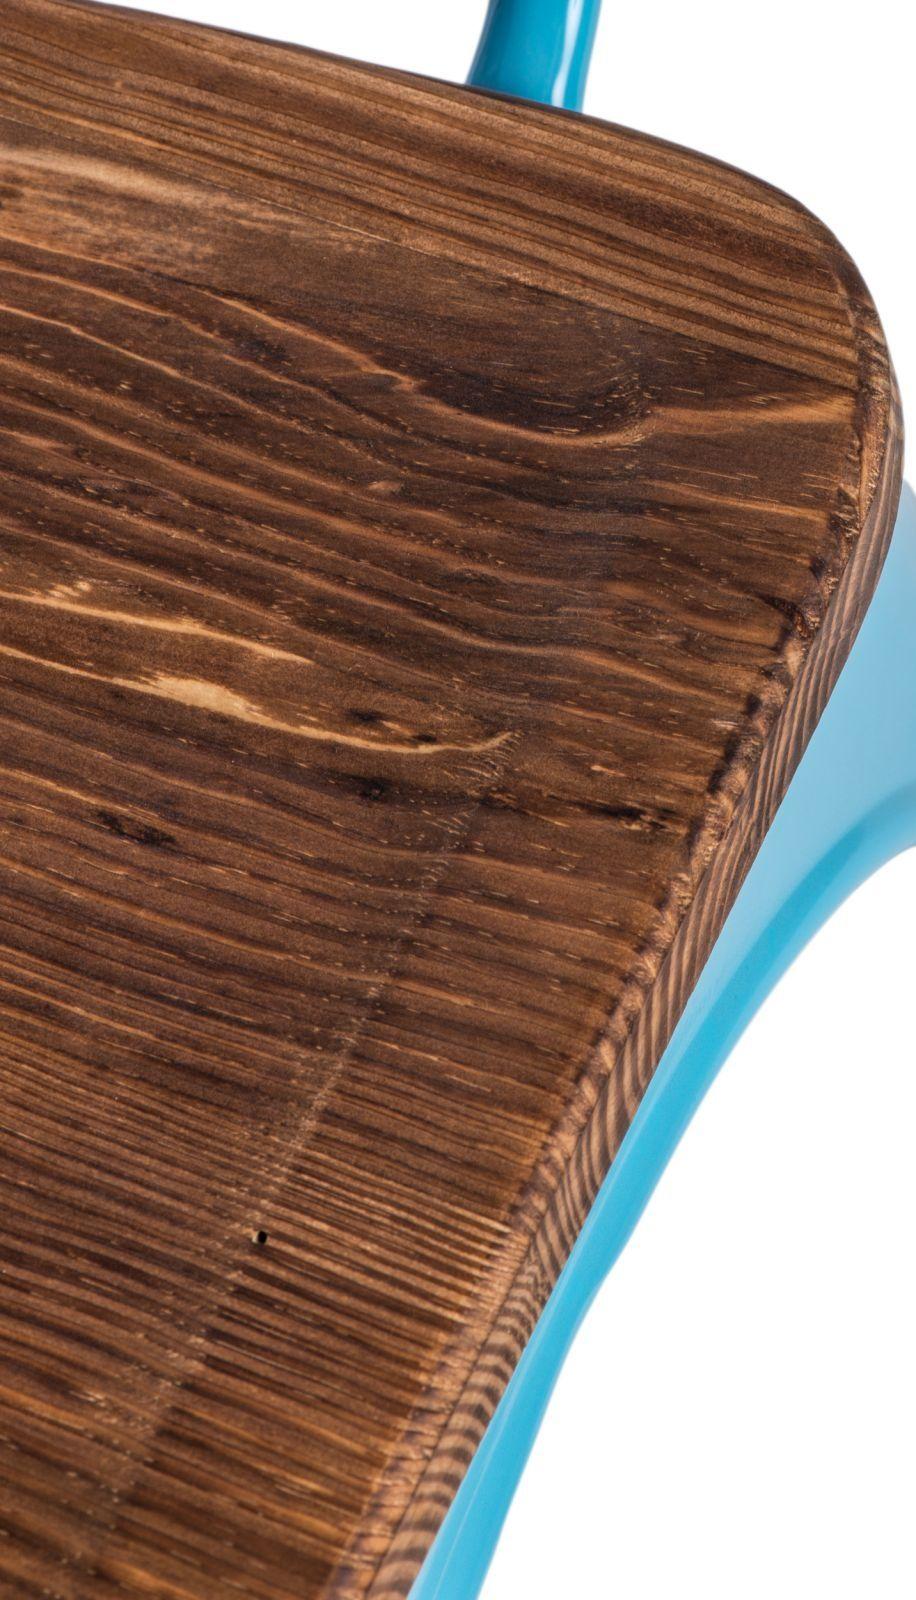 D2 Krzesło Paris Arms Wood niebieski sosna